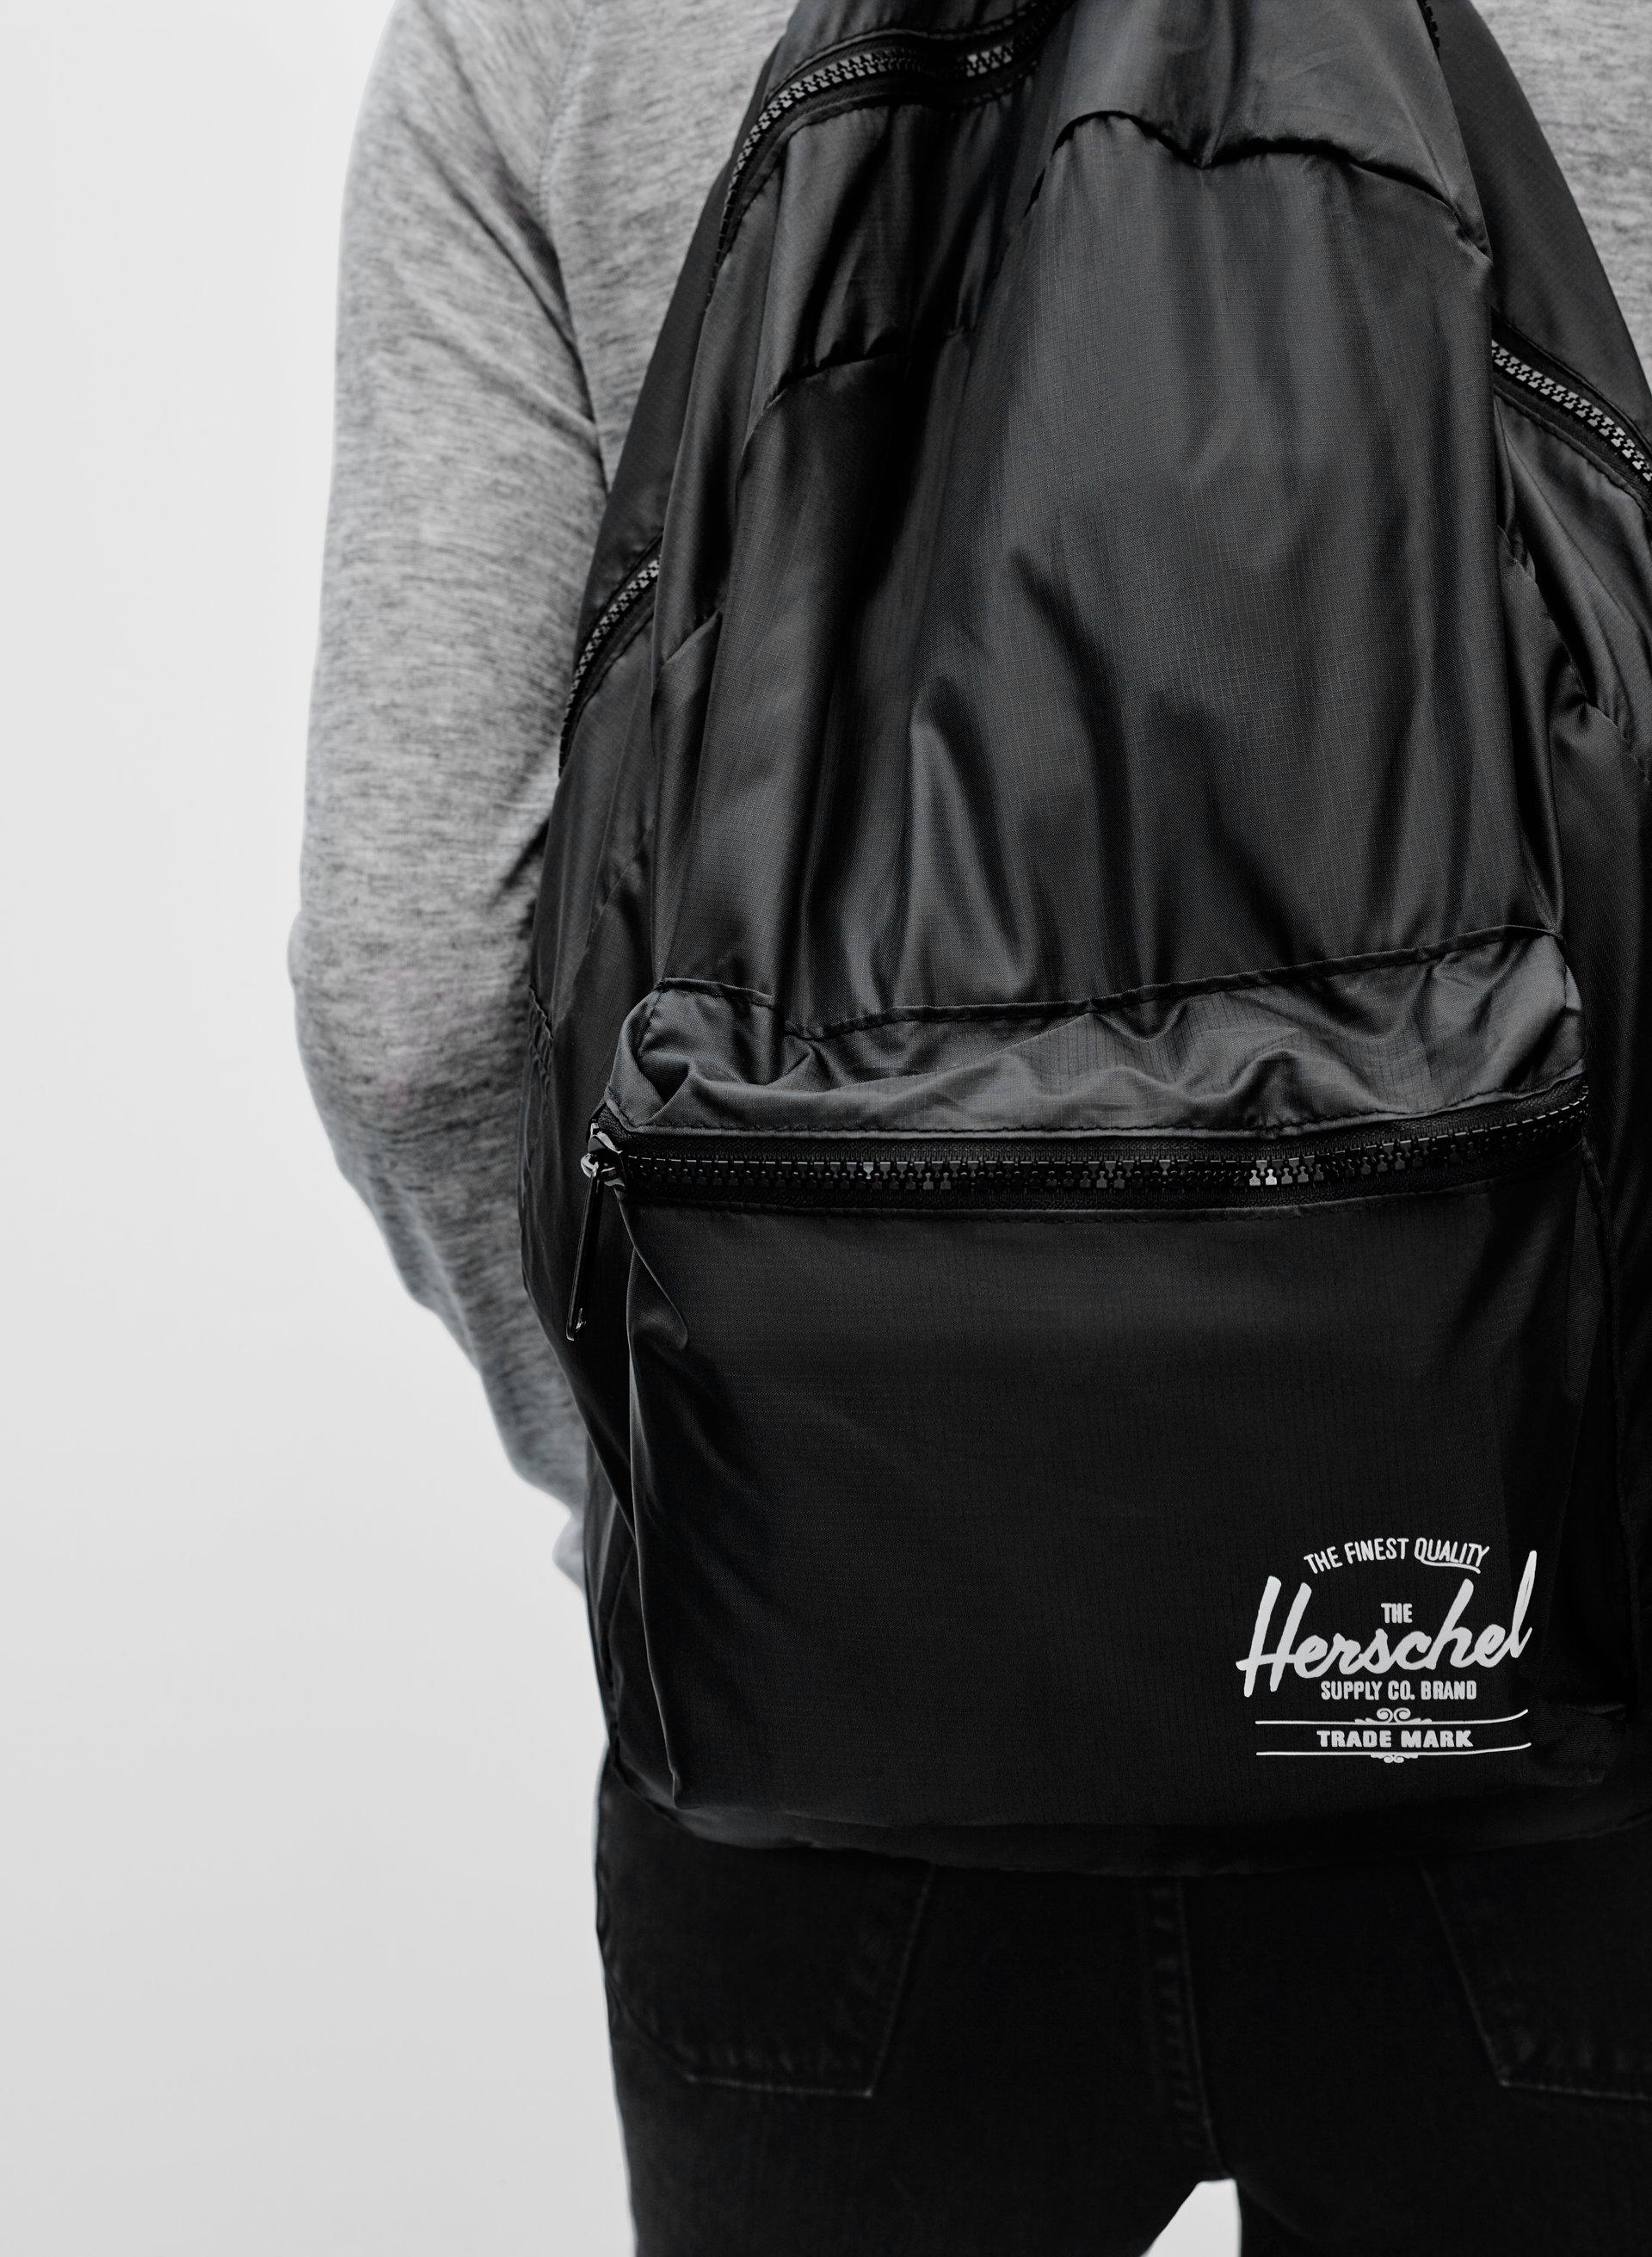 Réelle Prise Sites Vente En Ligne Herschel Sac À Dos Packable Vente Abordable Pas Cher À Vendre Fiable En Ligne A3ef1z1yWN